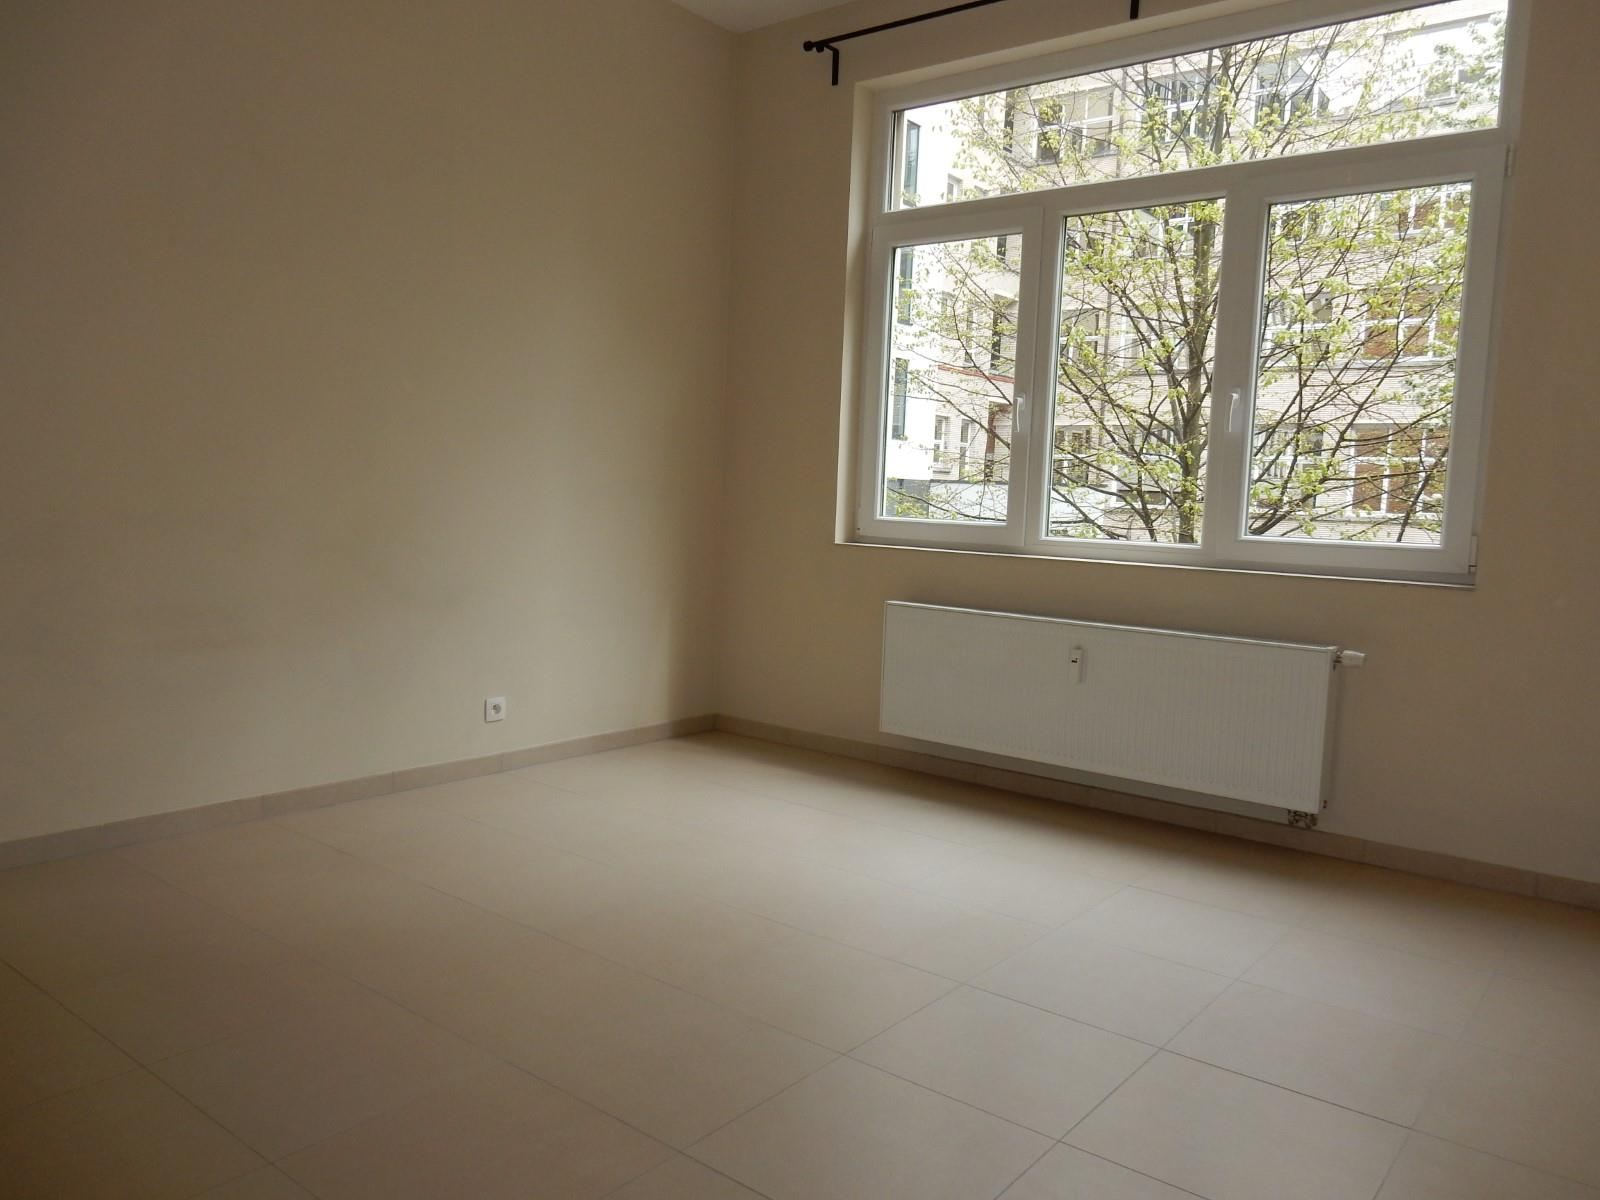 Appartement - Bruxelles - #3141973-7